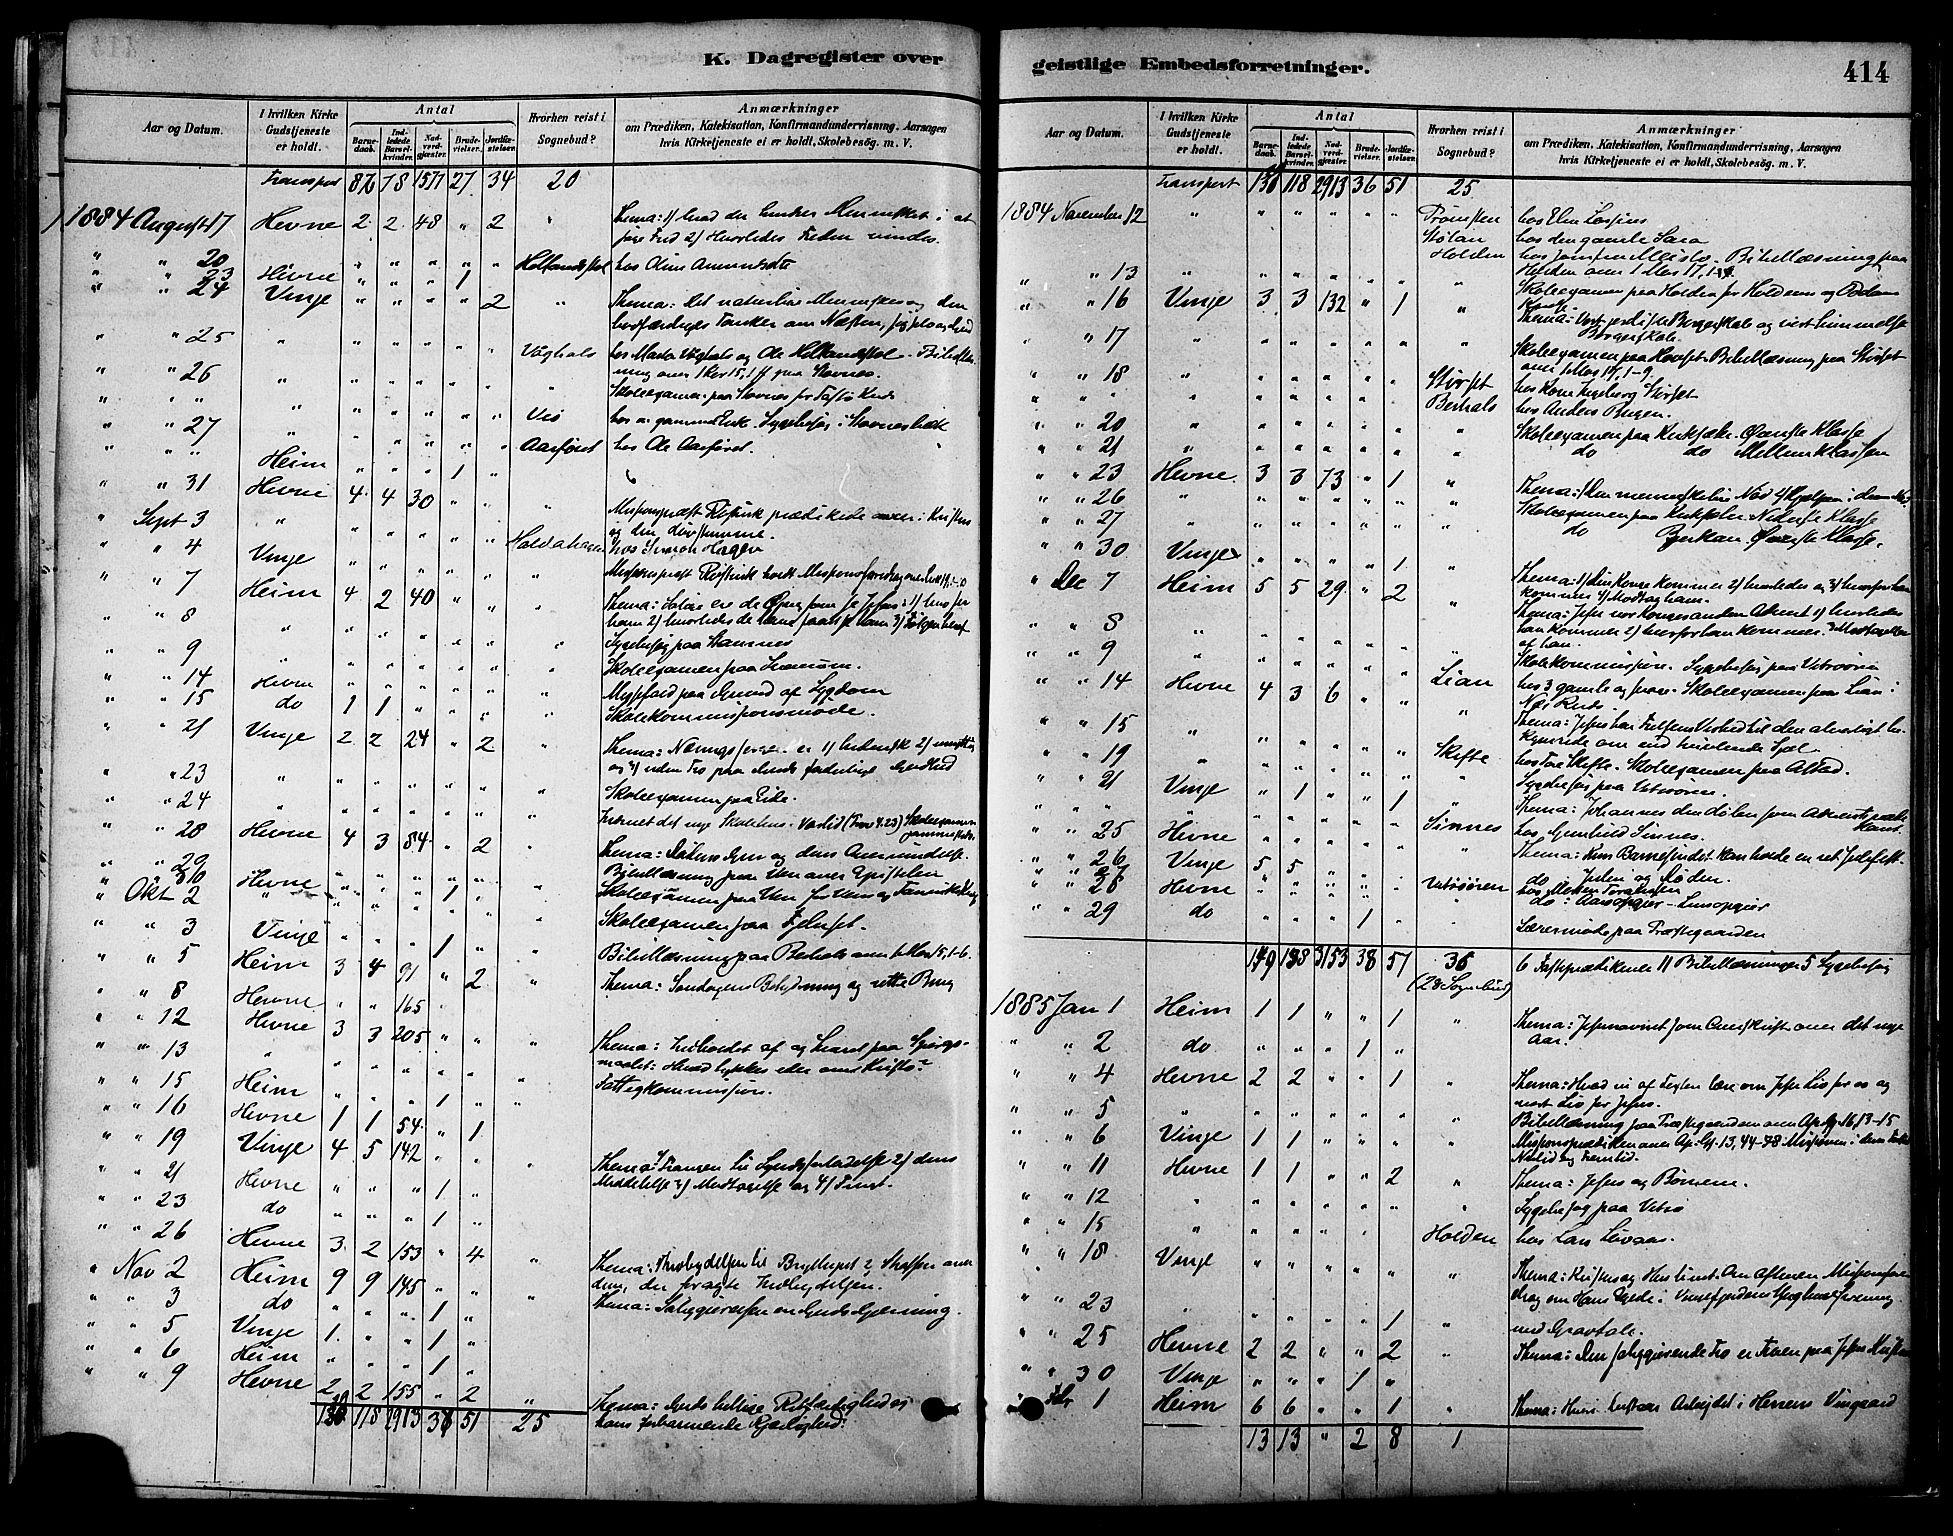 SAT, Ministerialprotokoller, klokkerbøker og fødselsregistre - Sør-Trøndelag, 630/L0496: Ministerialbok nr. 630A09, 1879-1895, s. 414